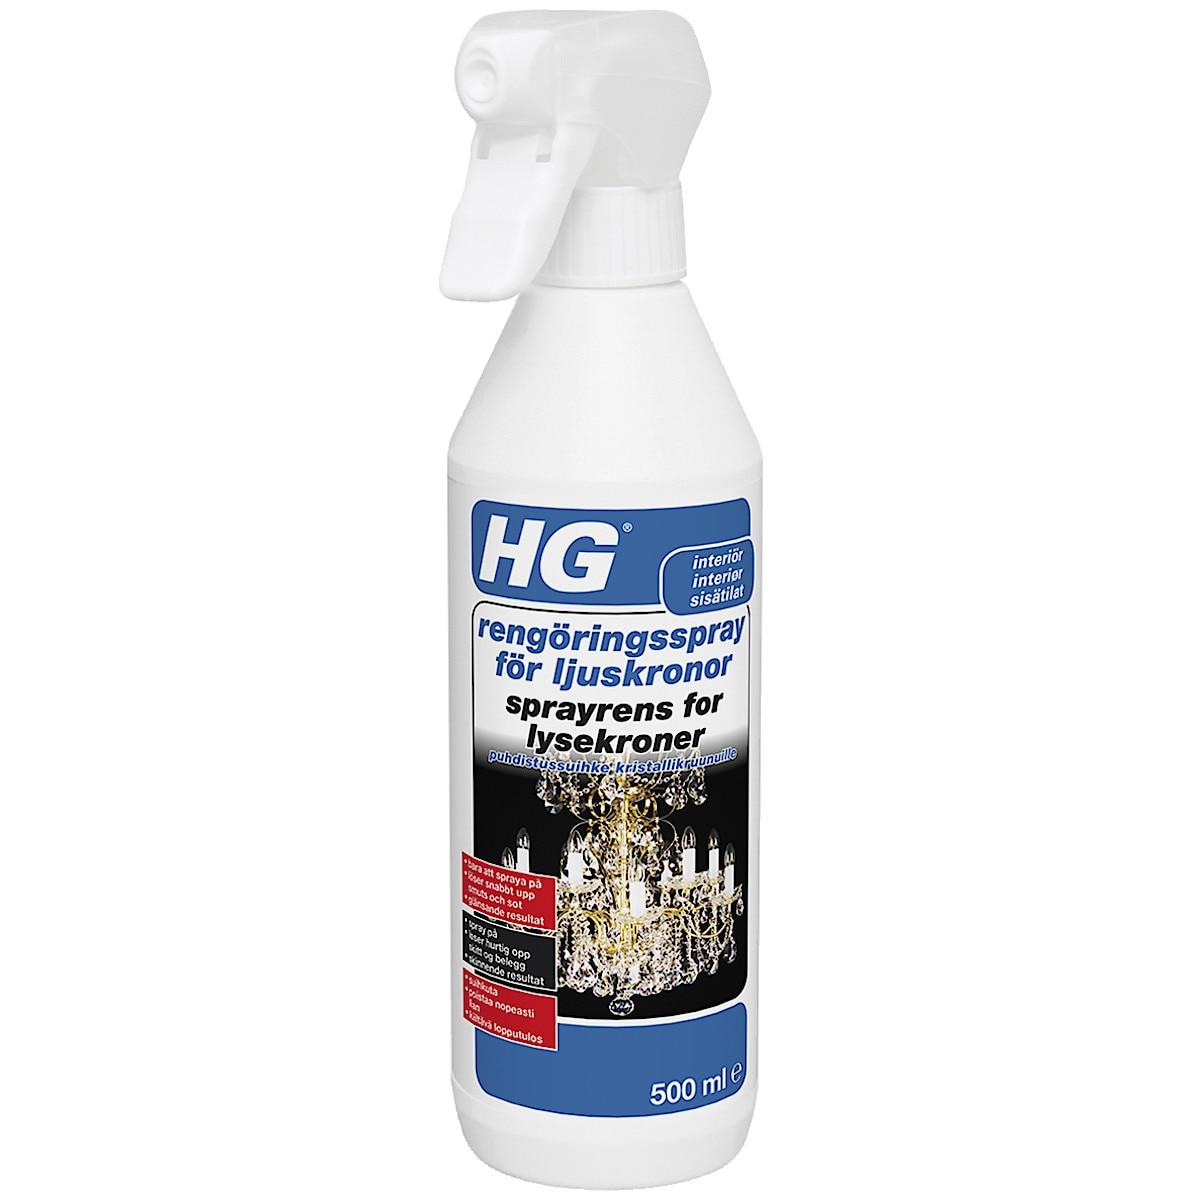 Rengöringsspray för ljuskronor HG